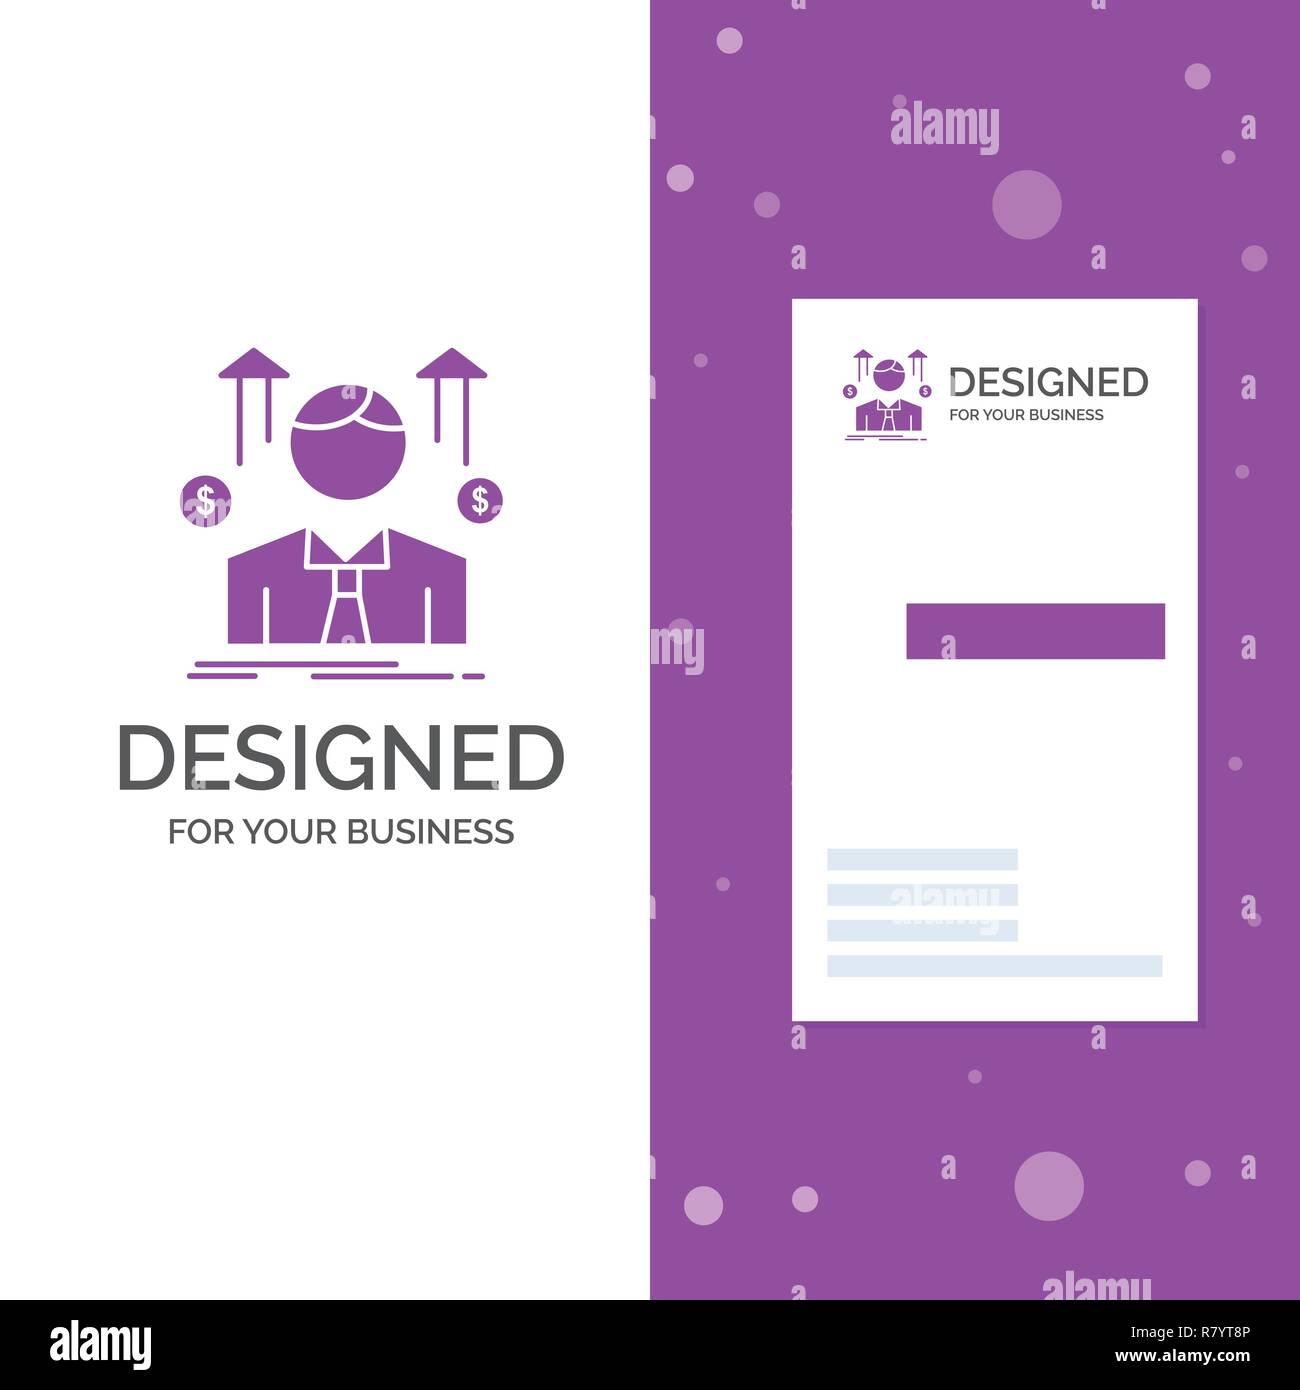 Logo Dentreprise Pour Les Entreprises Lhomme Avatar Employe Dhomme Lentreprise Violet Verticale Modele De Carte Visite Vecteur Fond